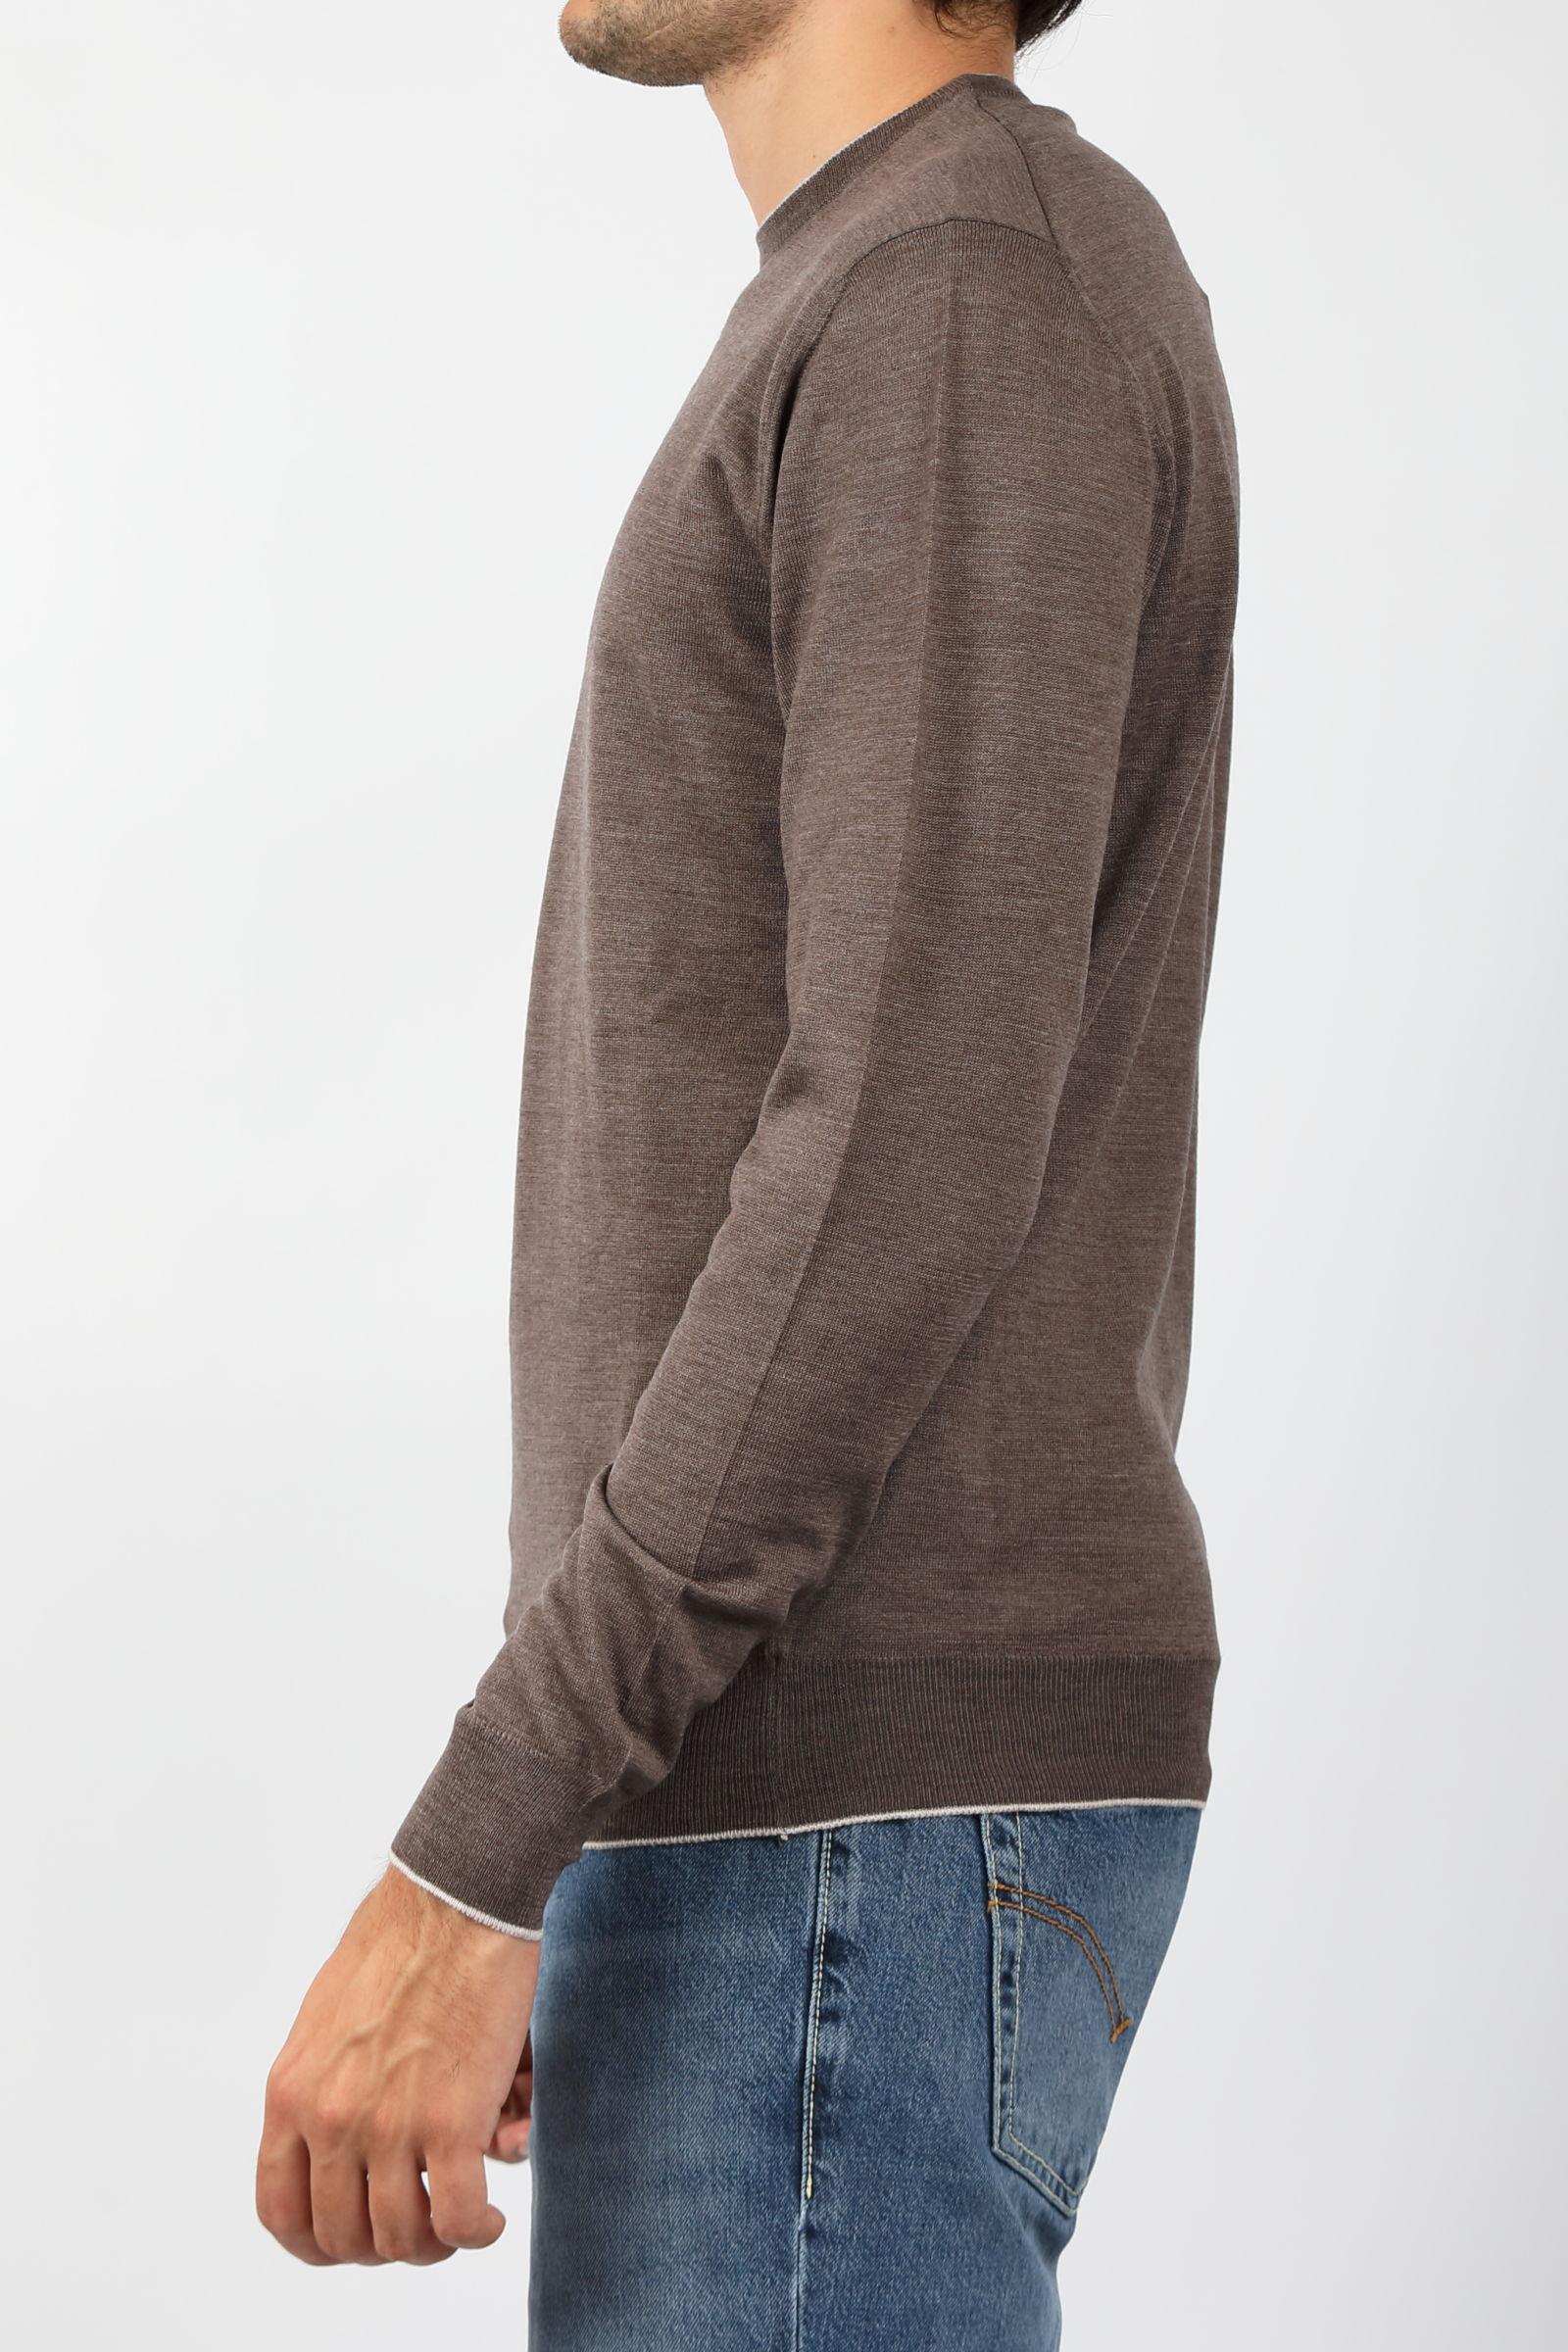 MERINOS WOOL SWEATER FRANCESCO PIERI | Knitwear | FU03600C421015